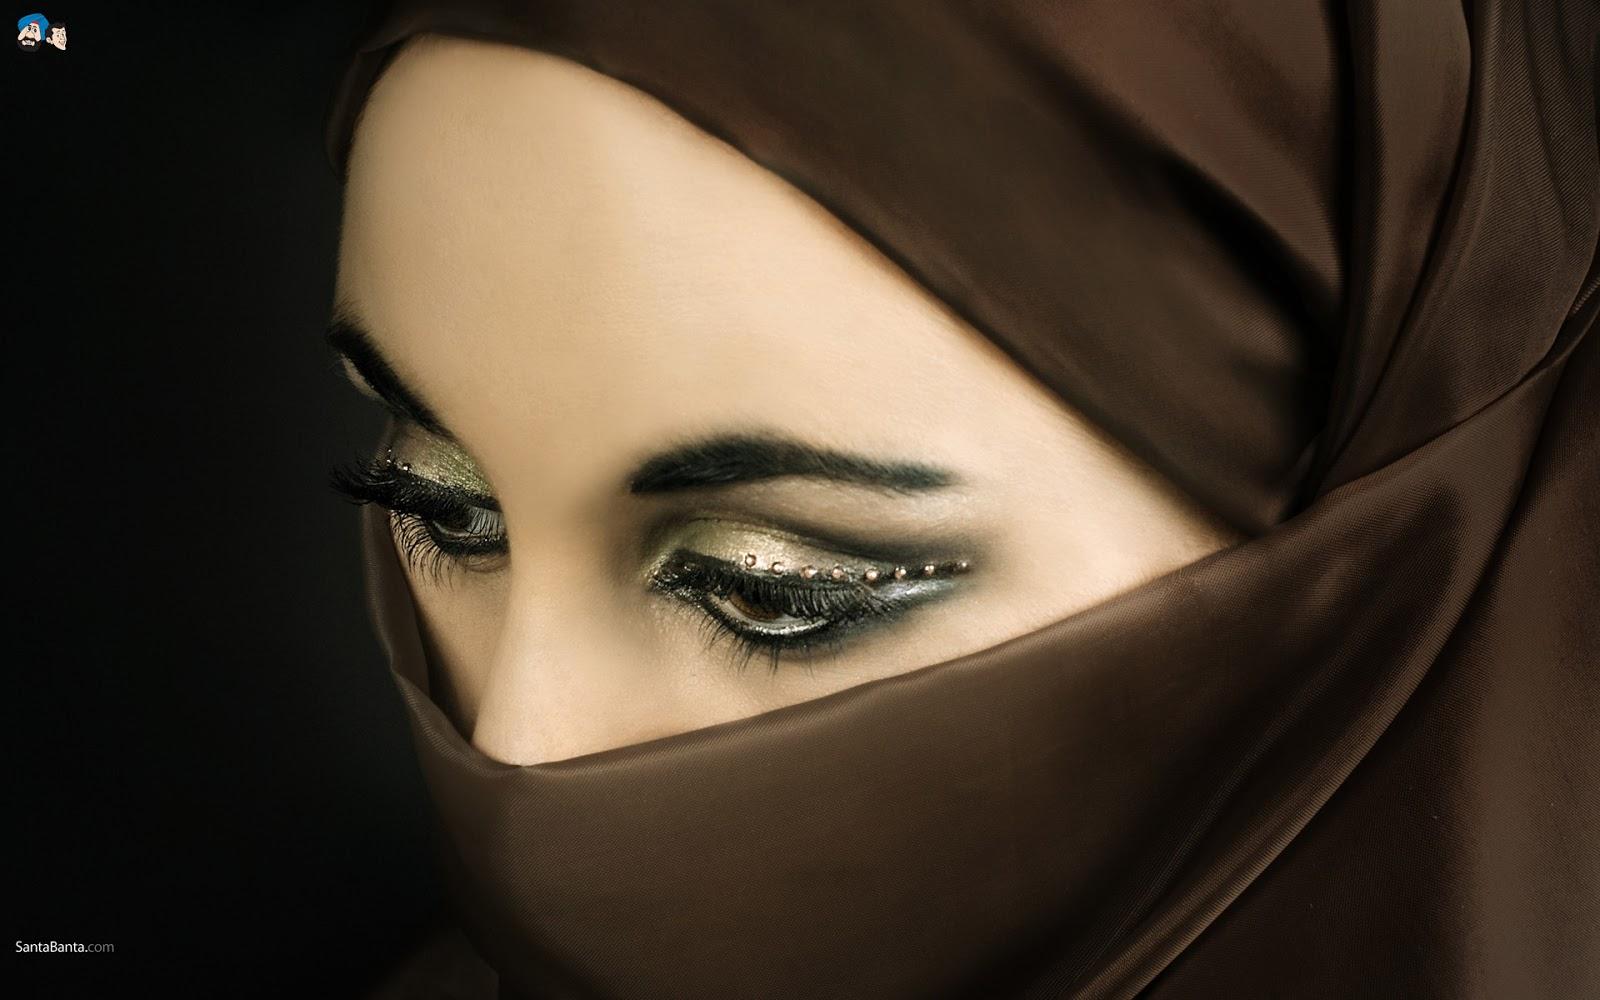 http://2.bp.blogspot.com/-uuMgGYiF7tU/UT_FCwoF-JI/AAAAAAAABLA/zwSagxXCszo/s1600/Wanita+Muslimah+Bercadar+-+Arab+Woman+In+Hijab+HD+Wallpaper+(1).jpg